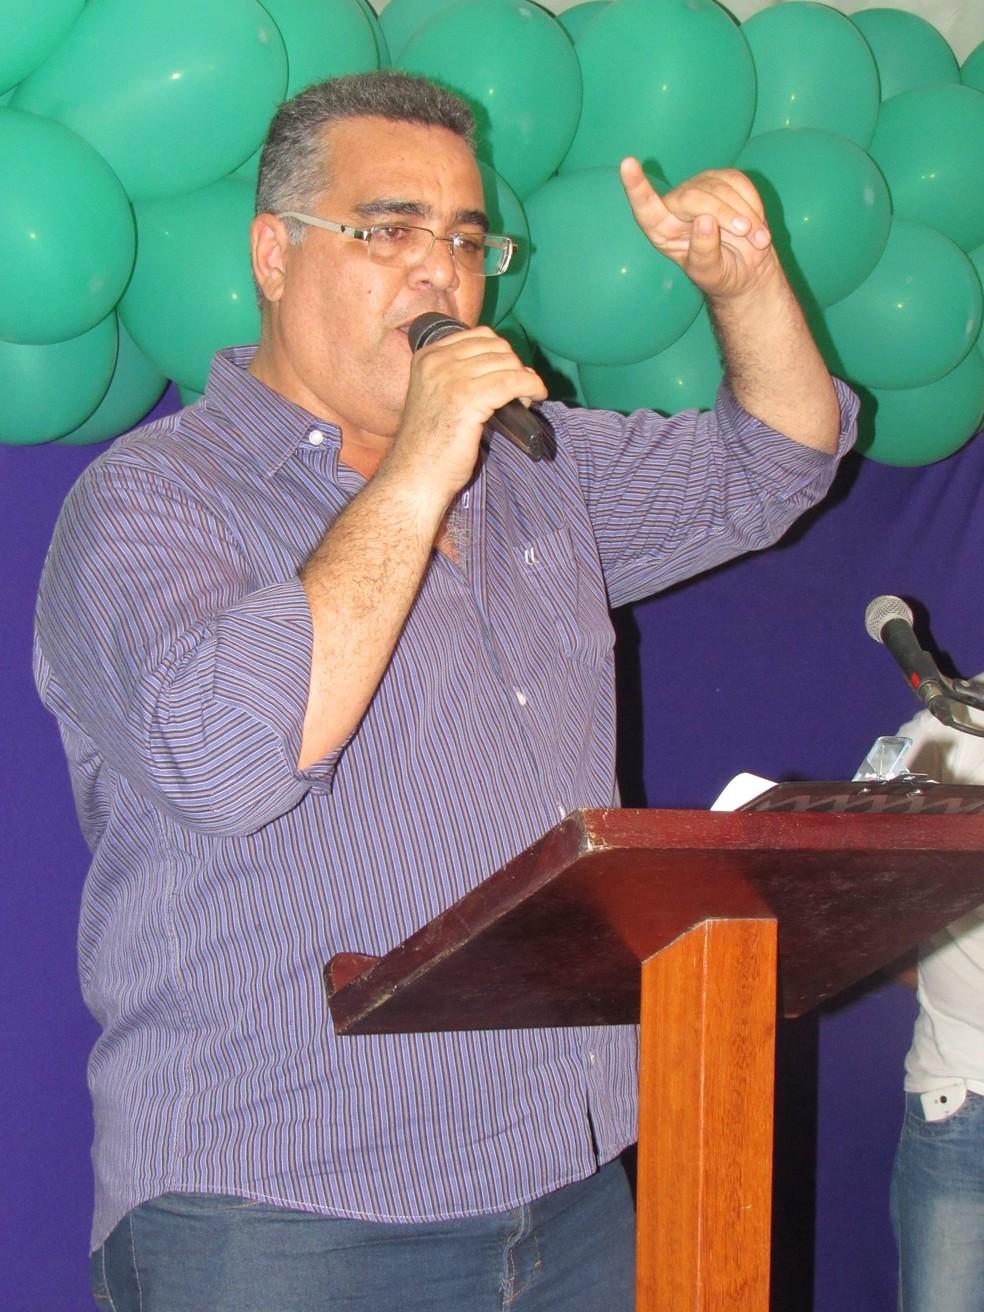 Prefeito de Ielmo Marinho, Doutor Cássio Cavalcante, foi denunciado pelo Ministério Público (Foto: Reprodução/Facebook)